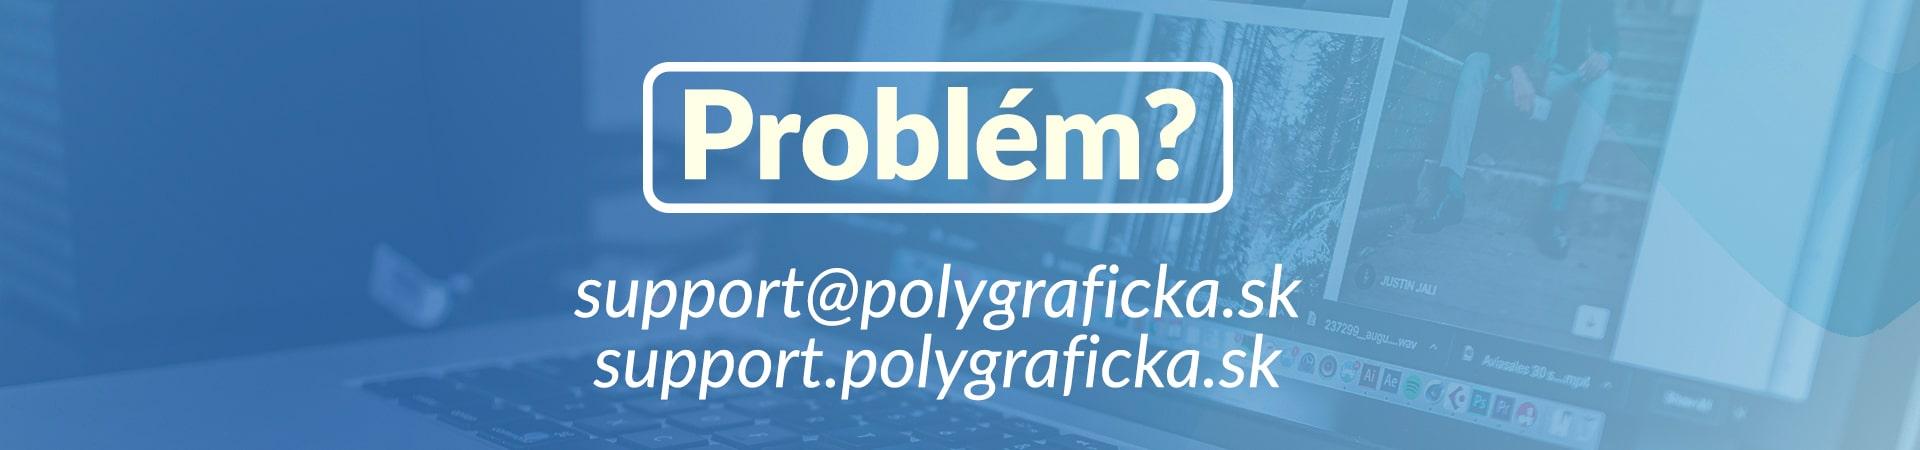 Napíš nám svoj problém cez formulár alebo support@polygraficka.sk